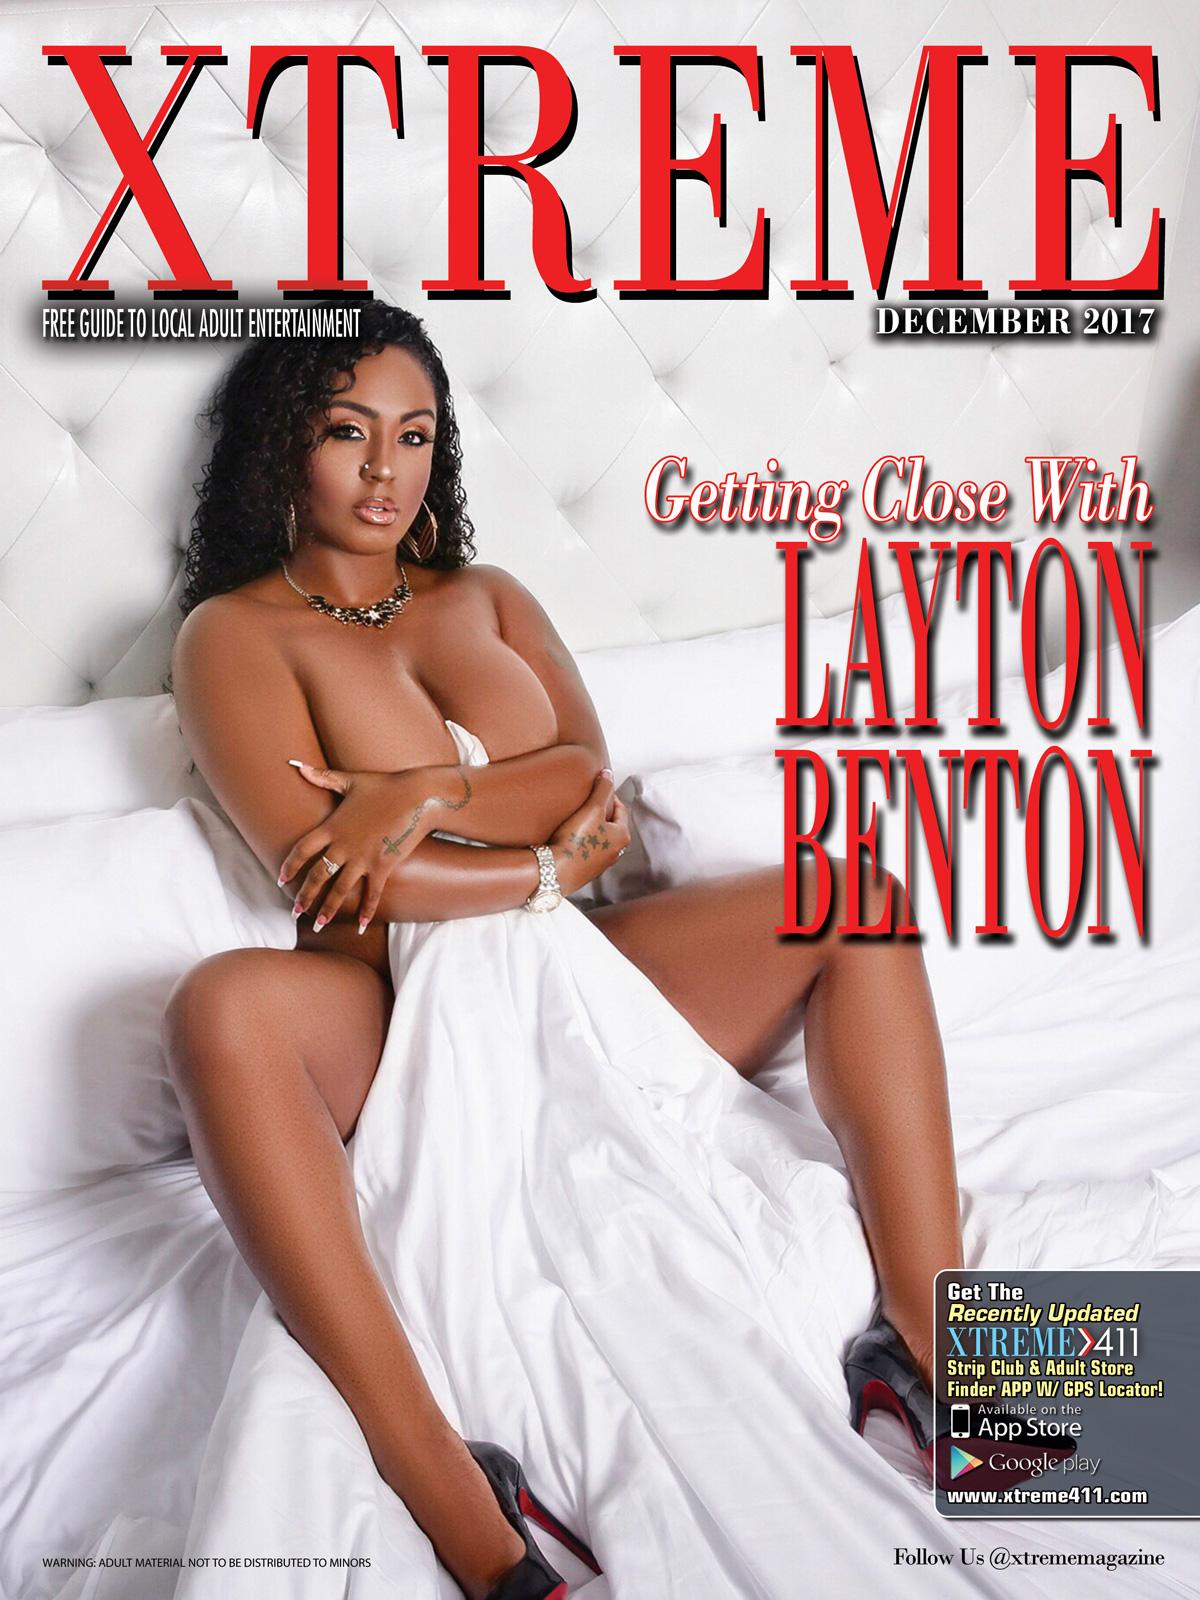 Layton Benton